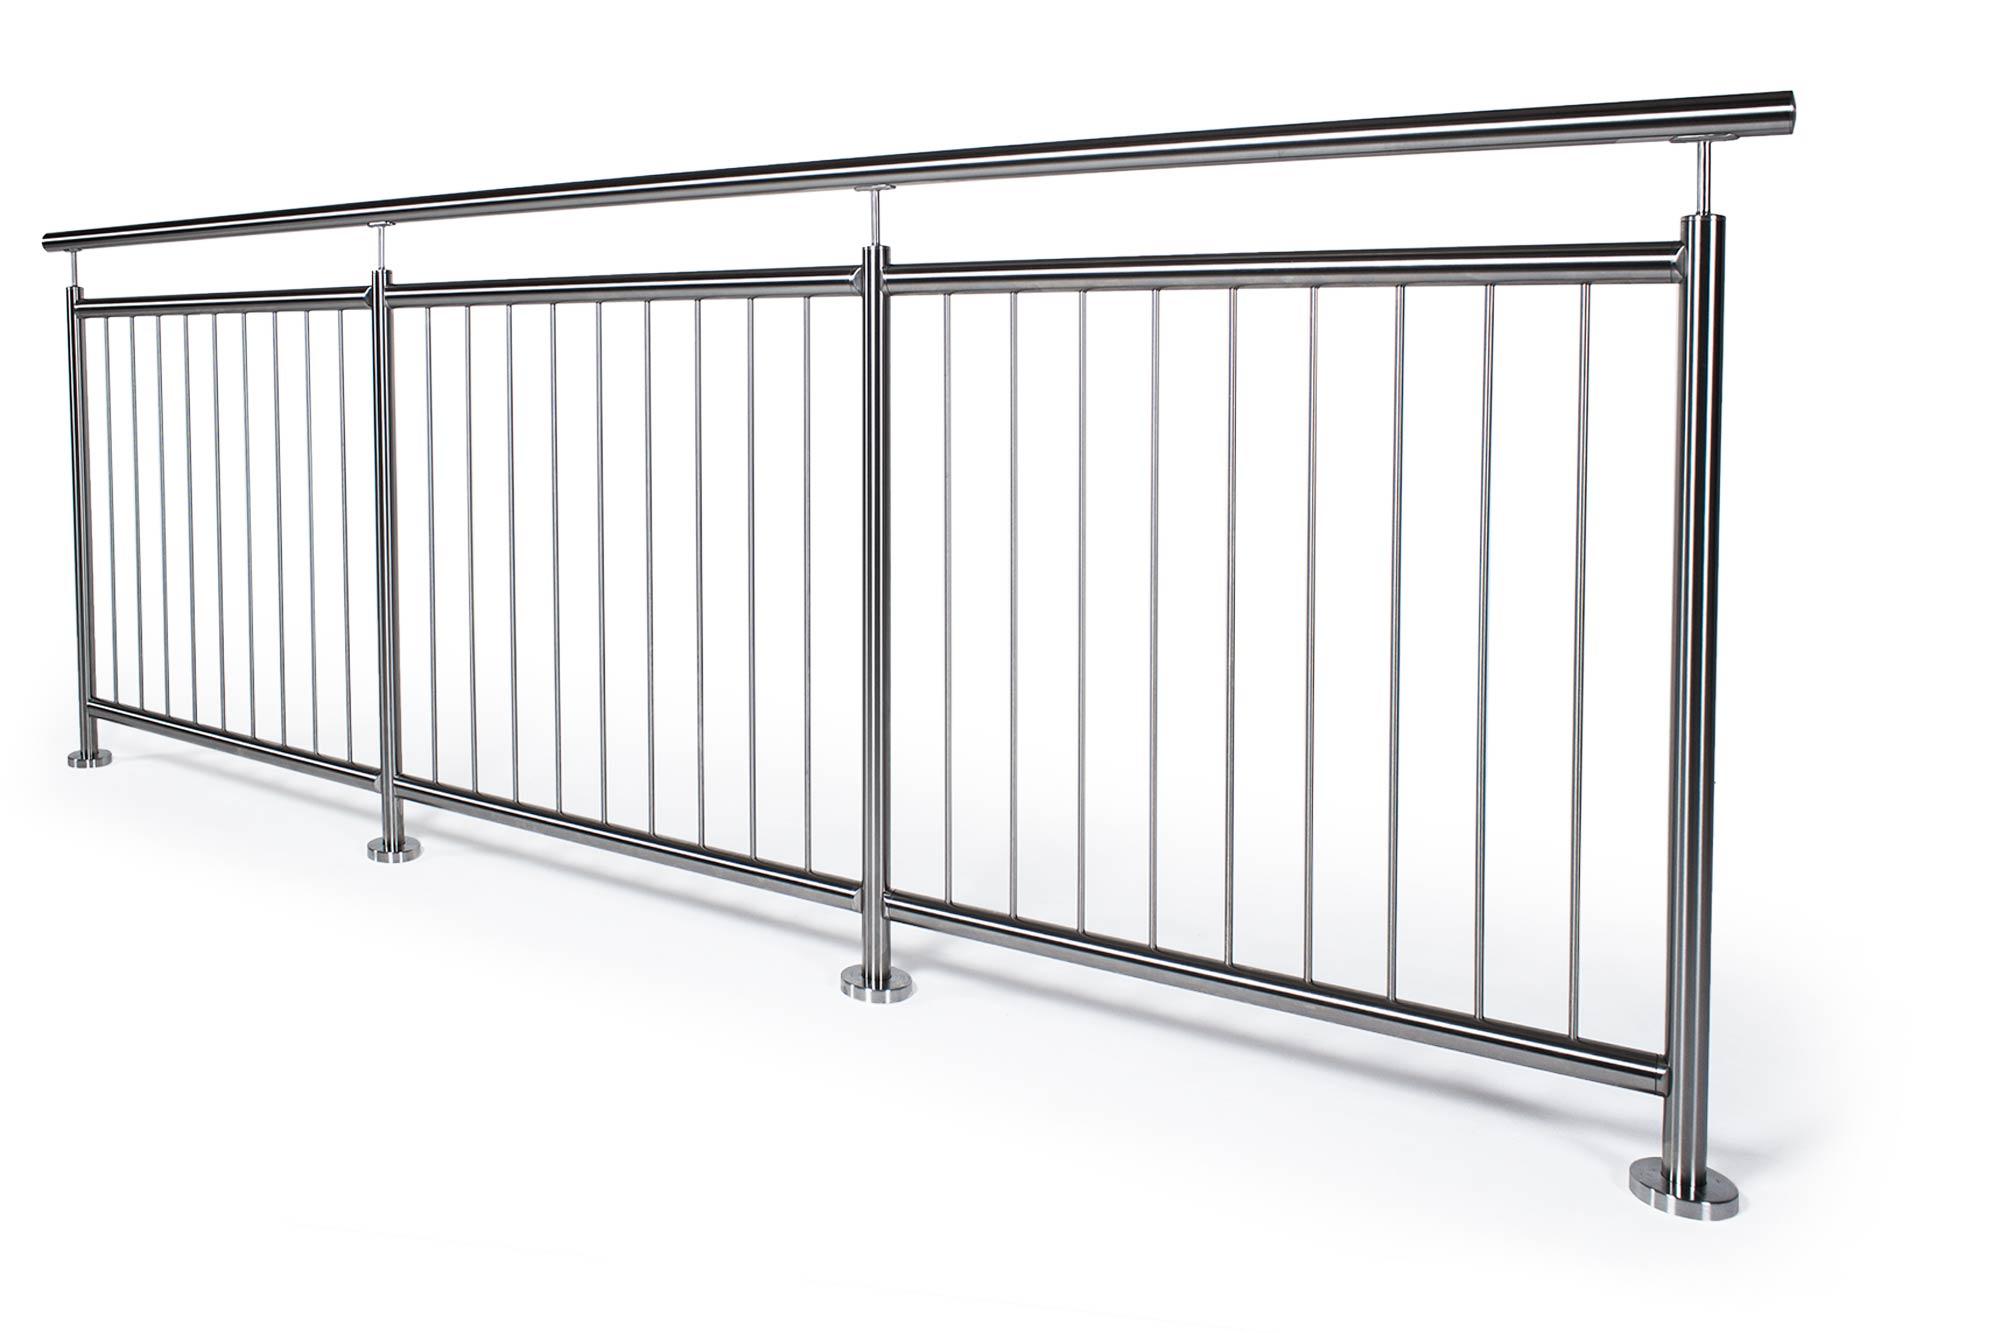 Balkongeländer Mit Glas Oder Edelstahl Komplett Bausatz Geländerladen